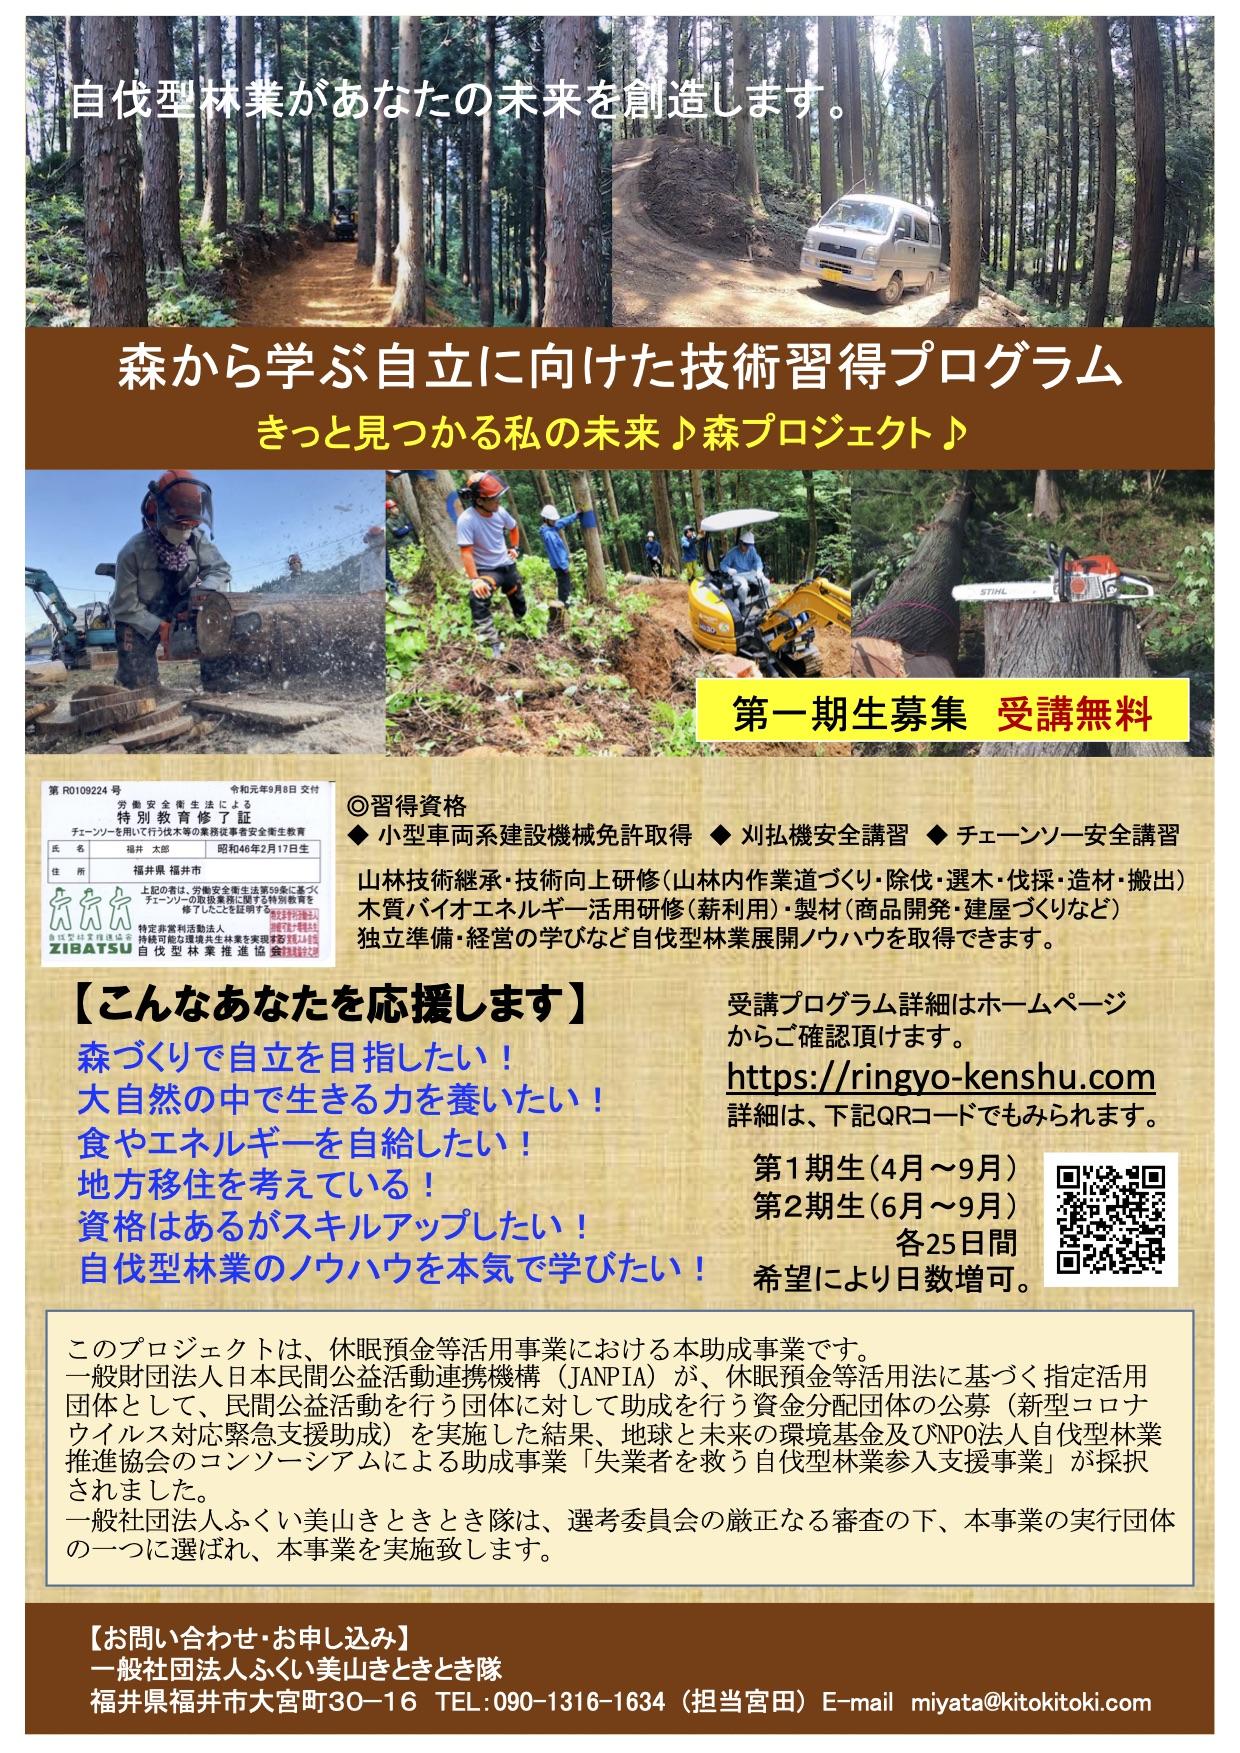 5月31日〜第2段!森から学ぶ自立に向けた技術習得プログラム@福井